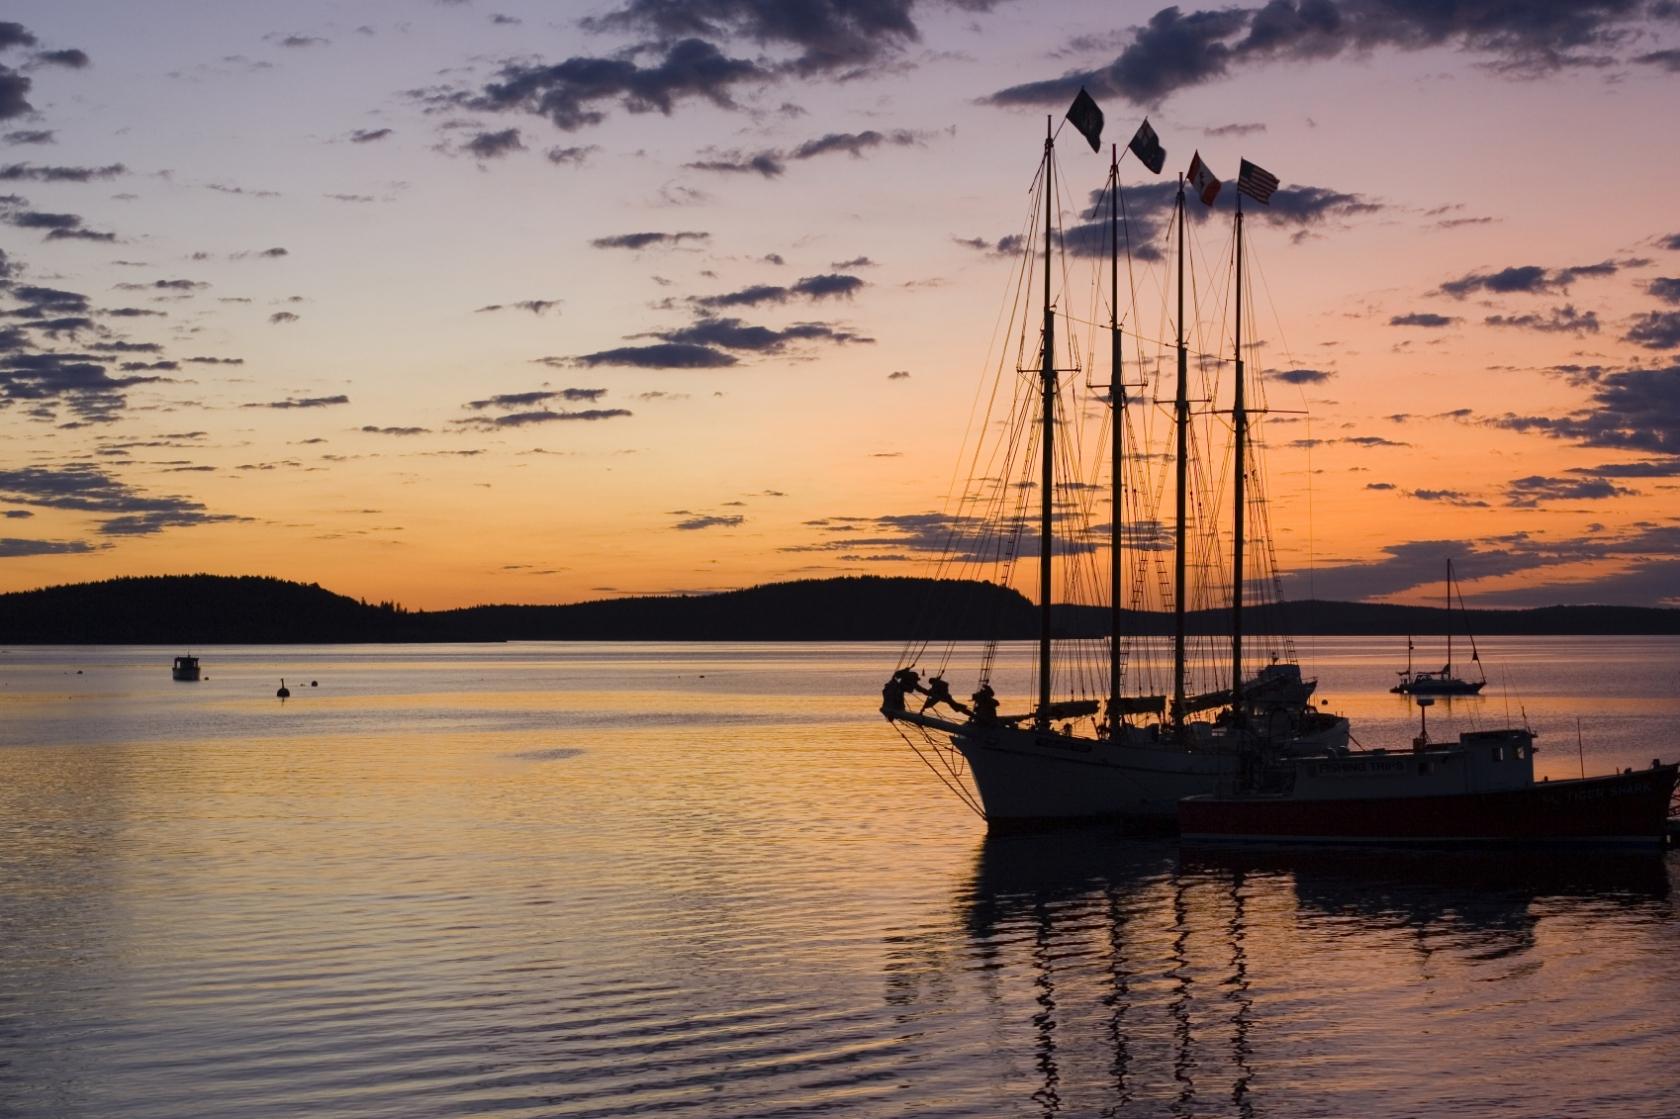 colores naranja y púrpura puesta de sol con la silueta de un barco de vela mástiles-3 atracado en el Parque Nacional Acadia